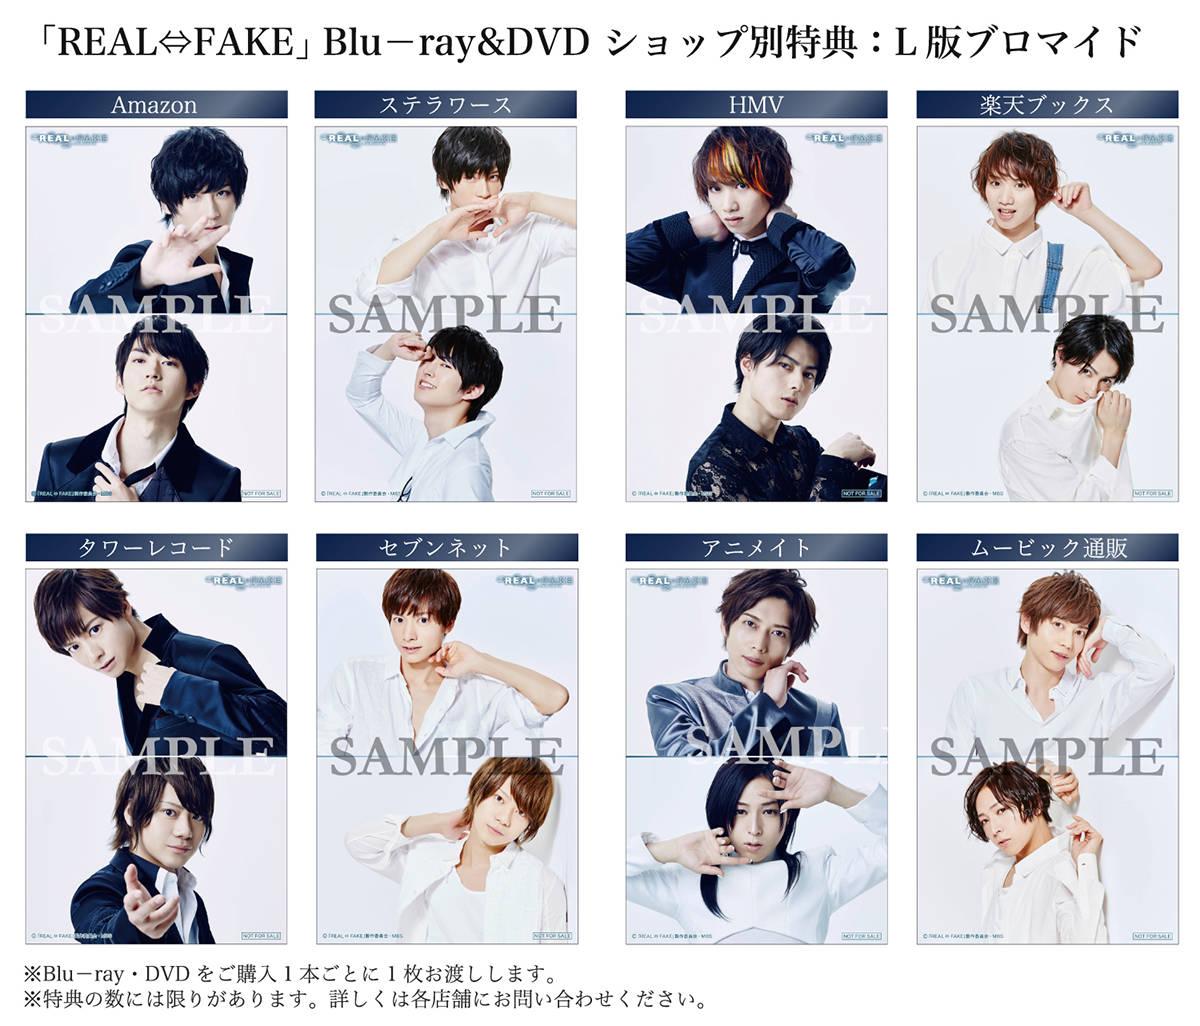 ドラマ『REAL⇔FAKE』荒牧慶彦、和田雅成らの撮りおろしBlu-ray&DVD特典画像が公開!